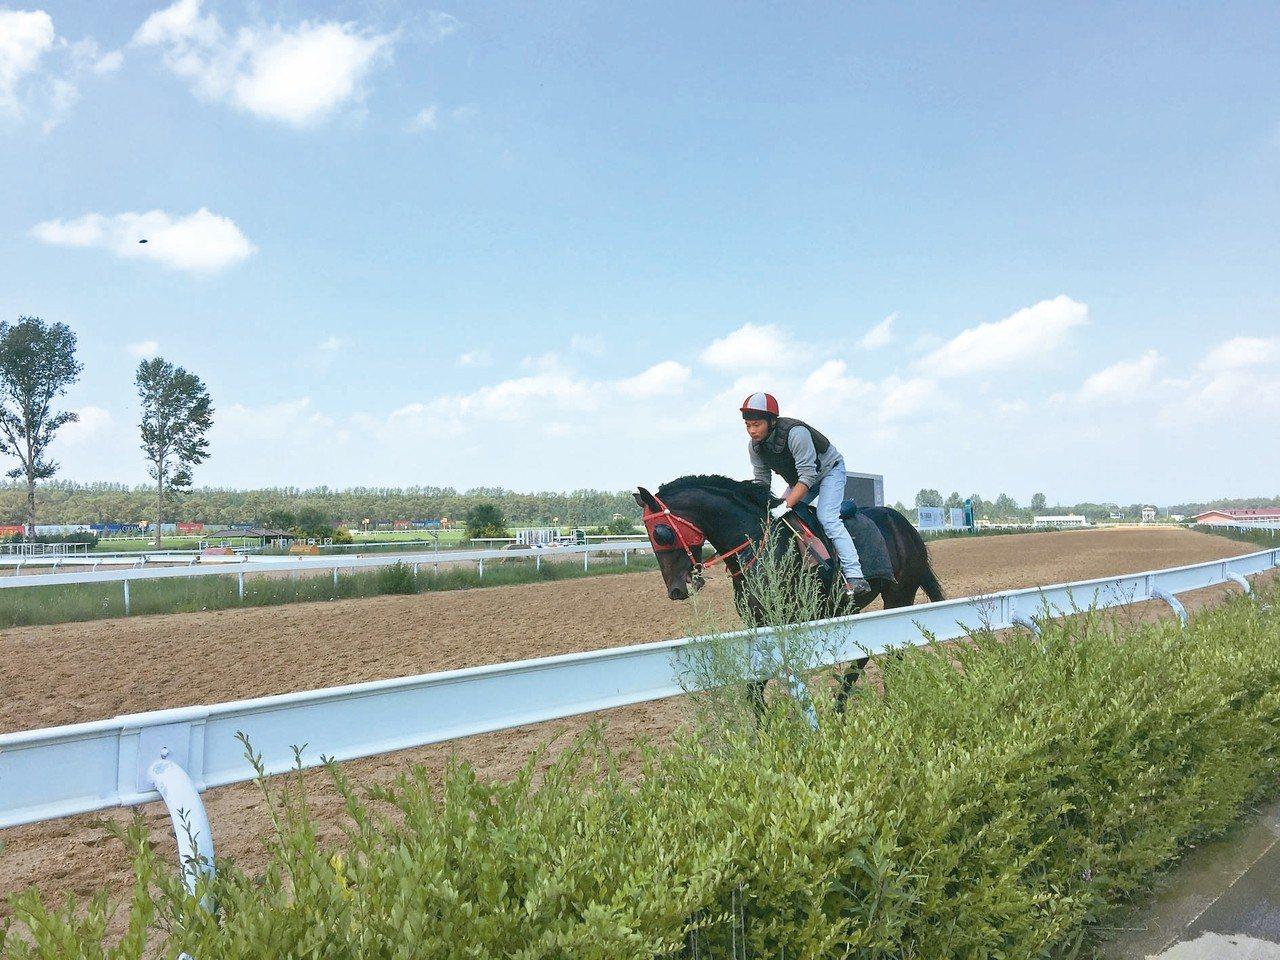 玉龍馬園,擁有大陸一流的賽馬場。 記者汪莉絹/攝影